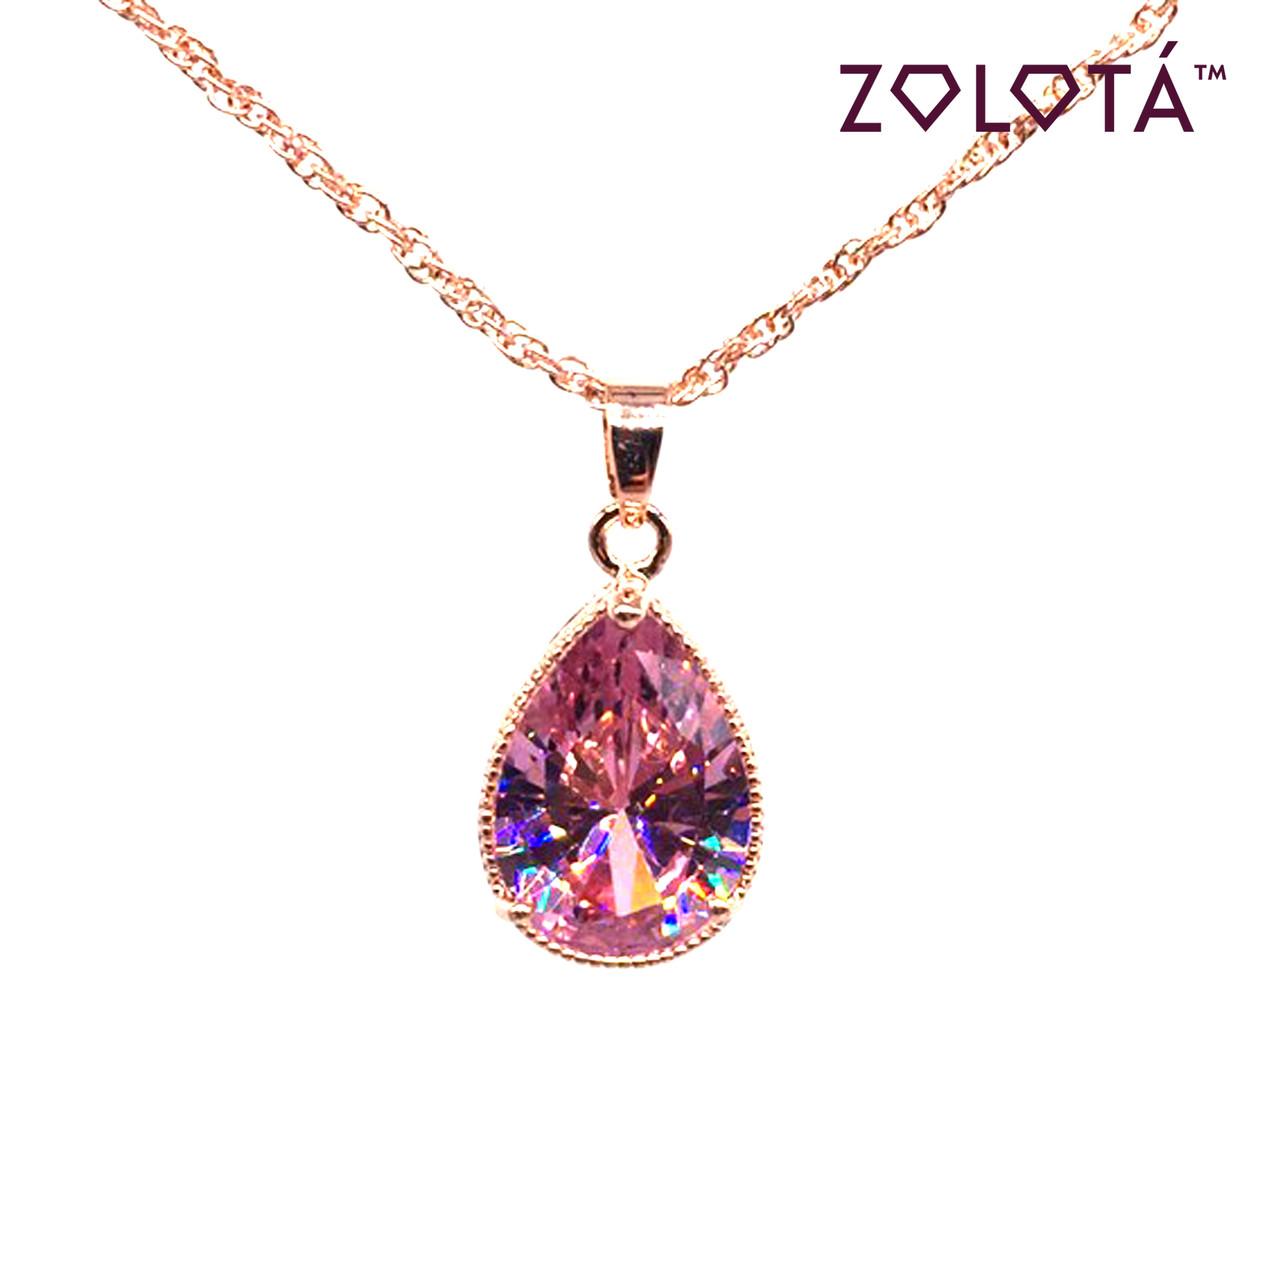 Підвіска на ланцюжку з рожевим фианитом (куб. цирконієм), з медичного золота, в позолоті, ЗЛ00241 (1)